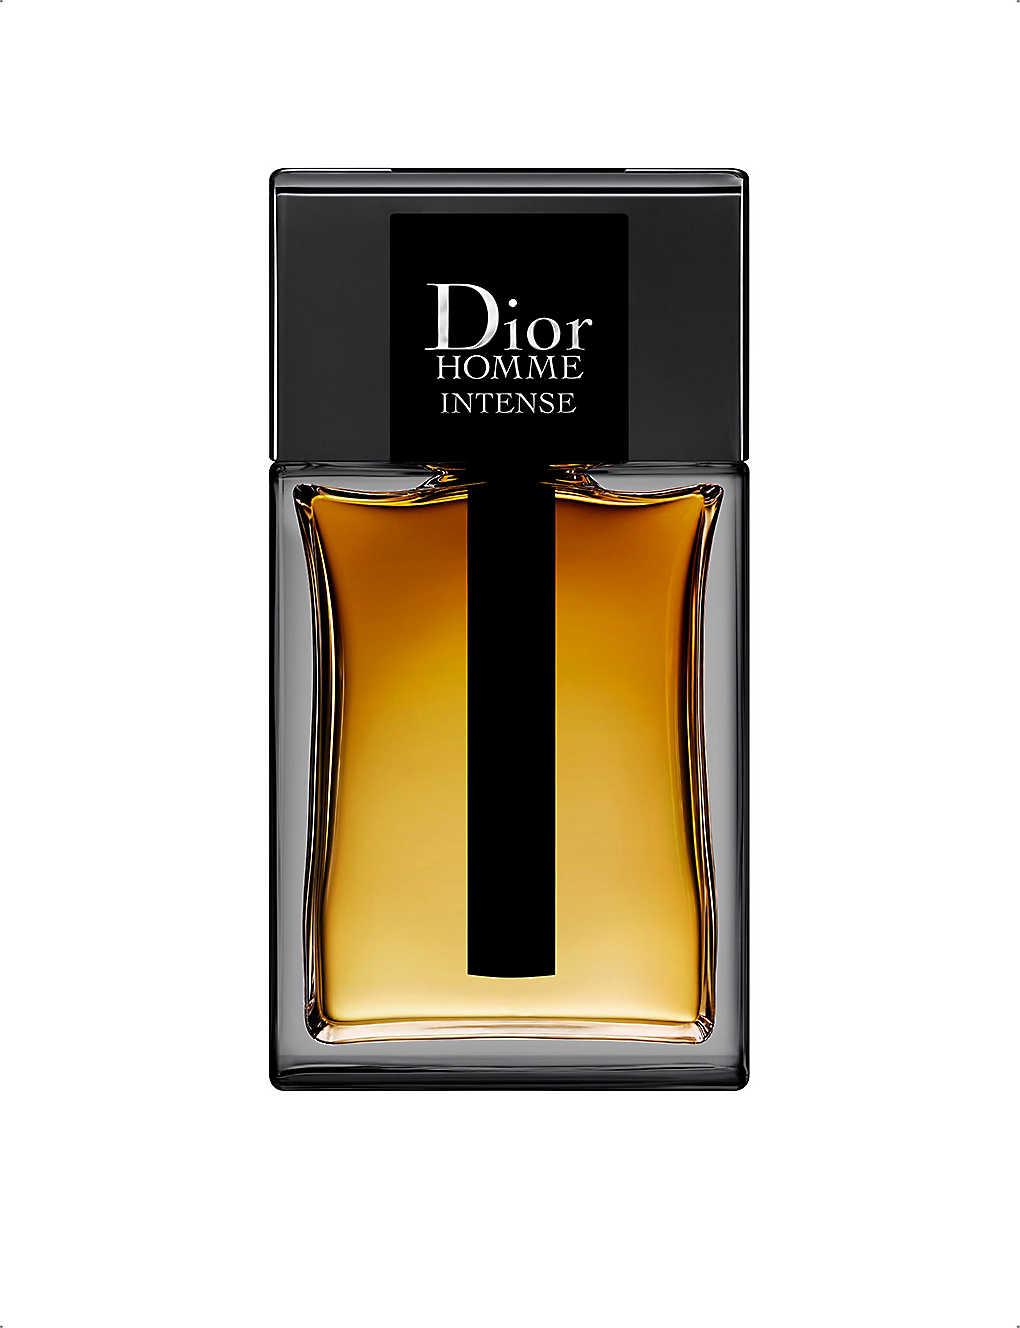 bf648ccb37 Dior Homme Intense eau de parfum 100ml